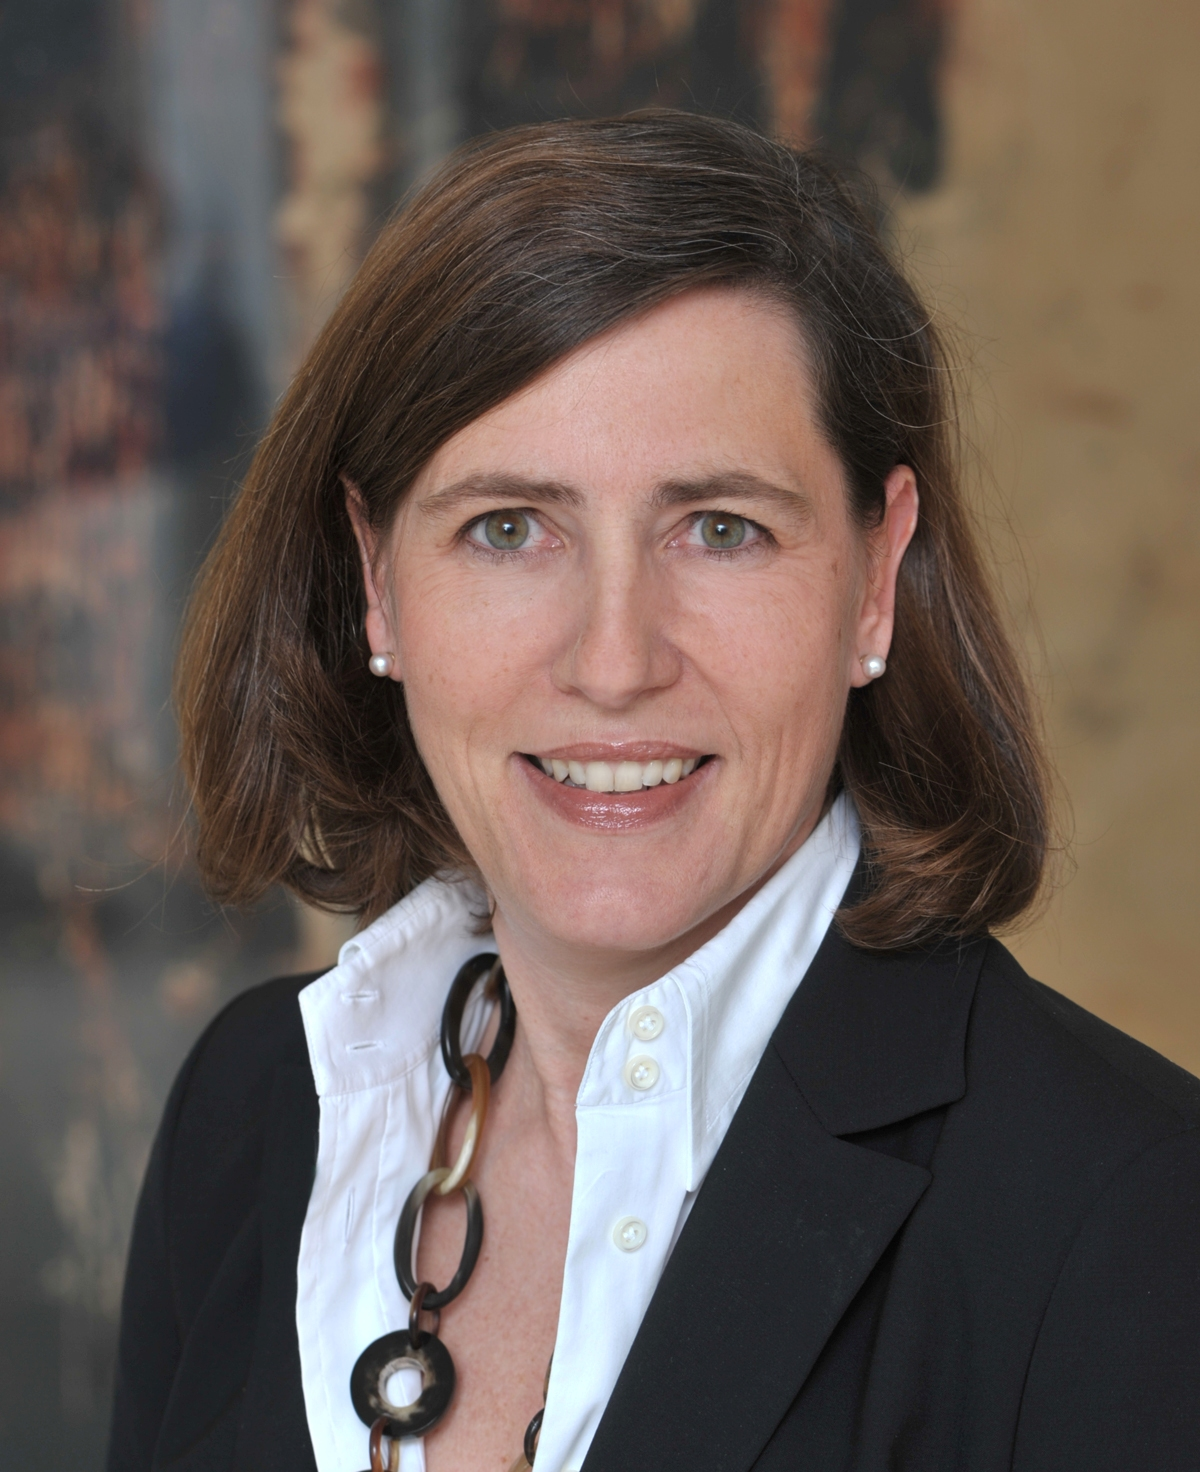 Dr. Gabriela Soskuty